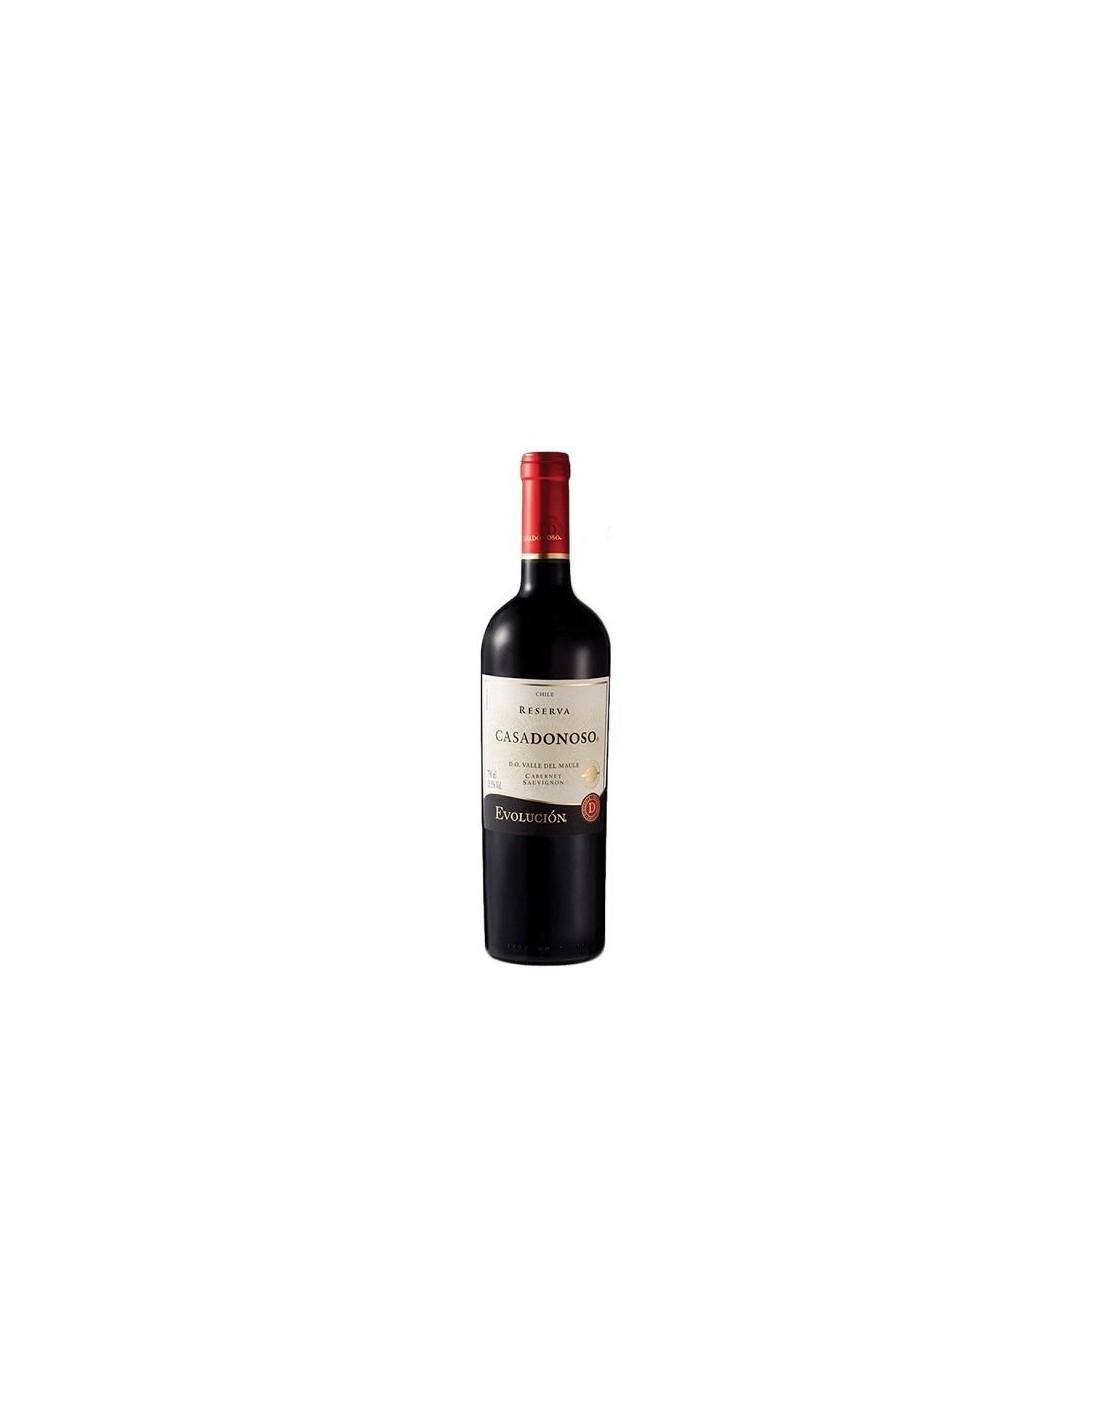 Vin rosu, Cabernet Sauvignon, Casa Donoso Evolucion Reserva Valle del Maule, 0.75L, 13% alc., Chile